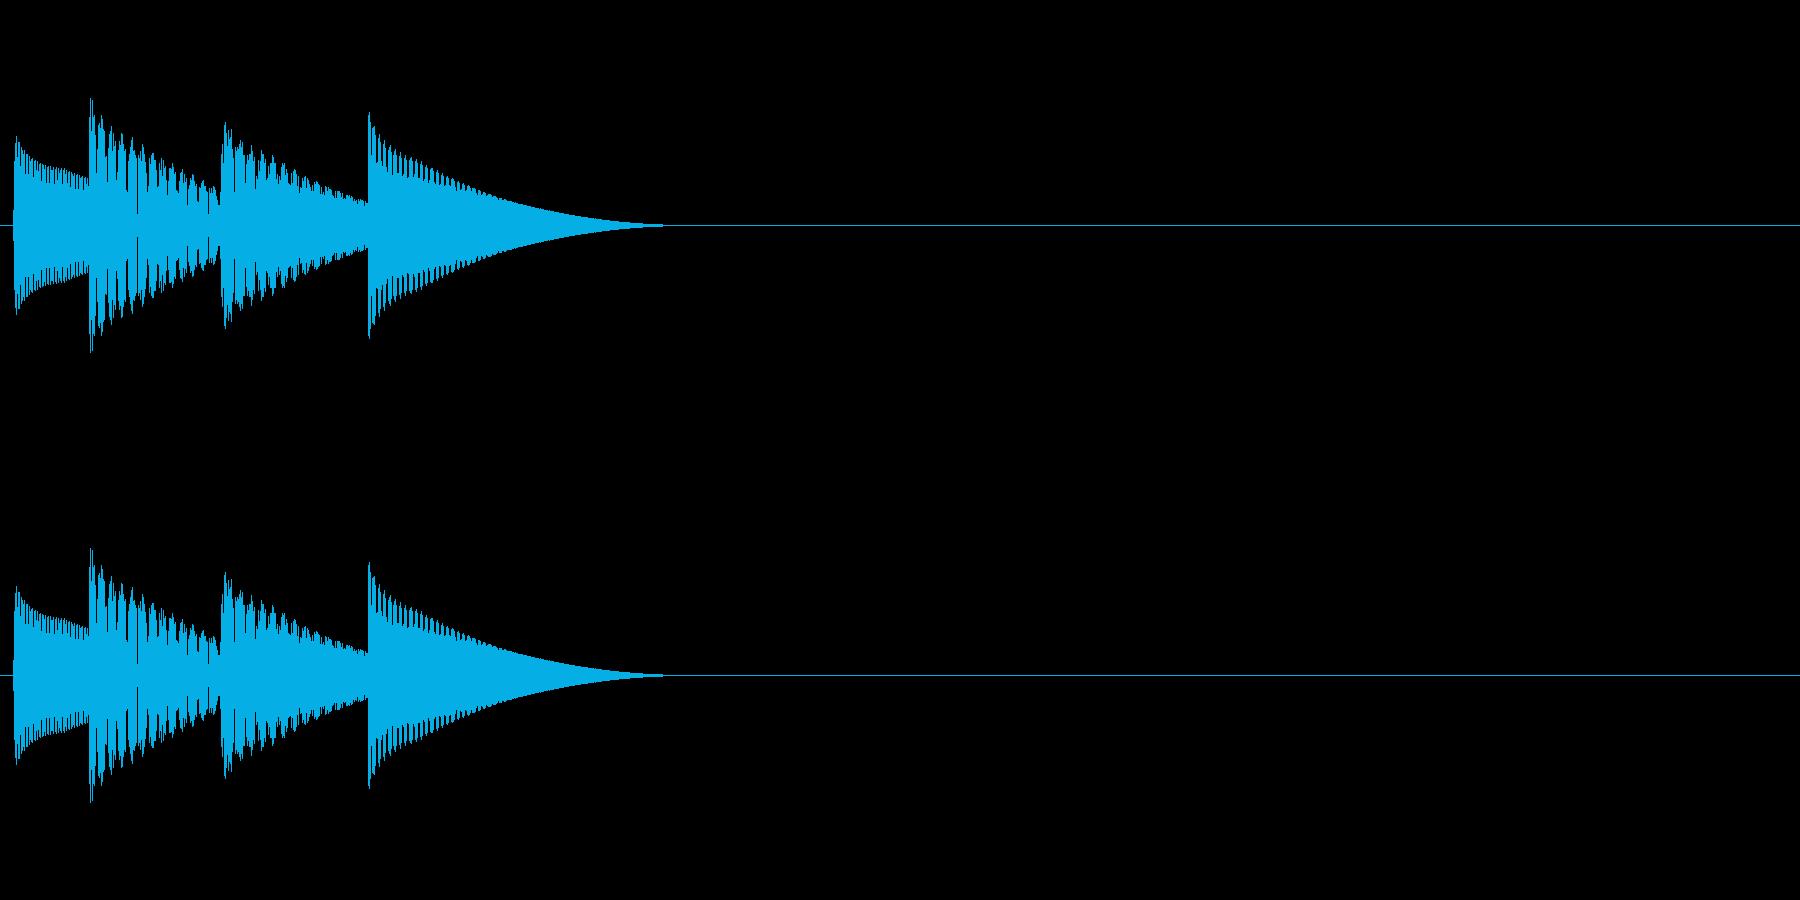 ゲームの決定音「ピロリン」の再生済みの波形